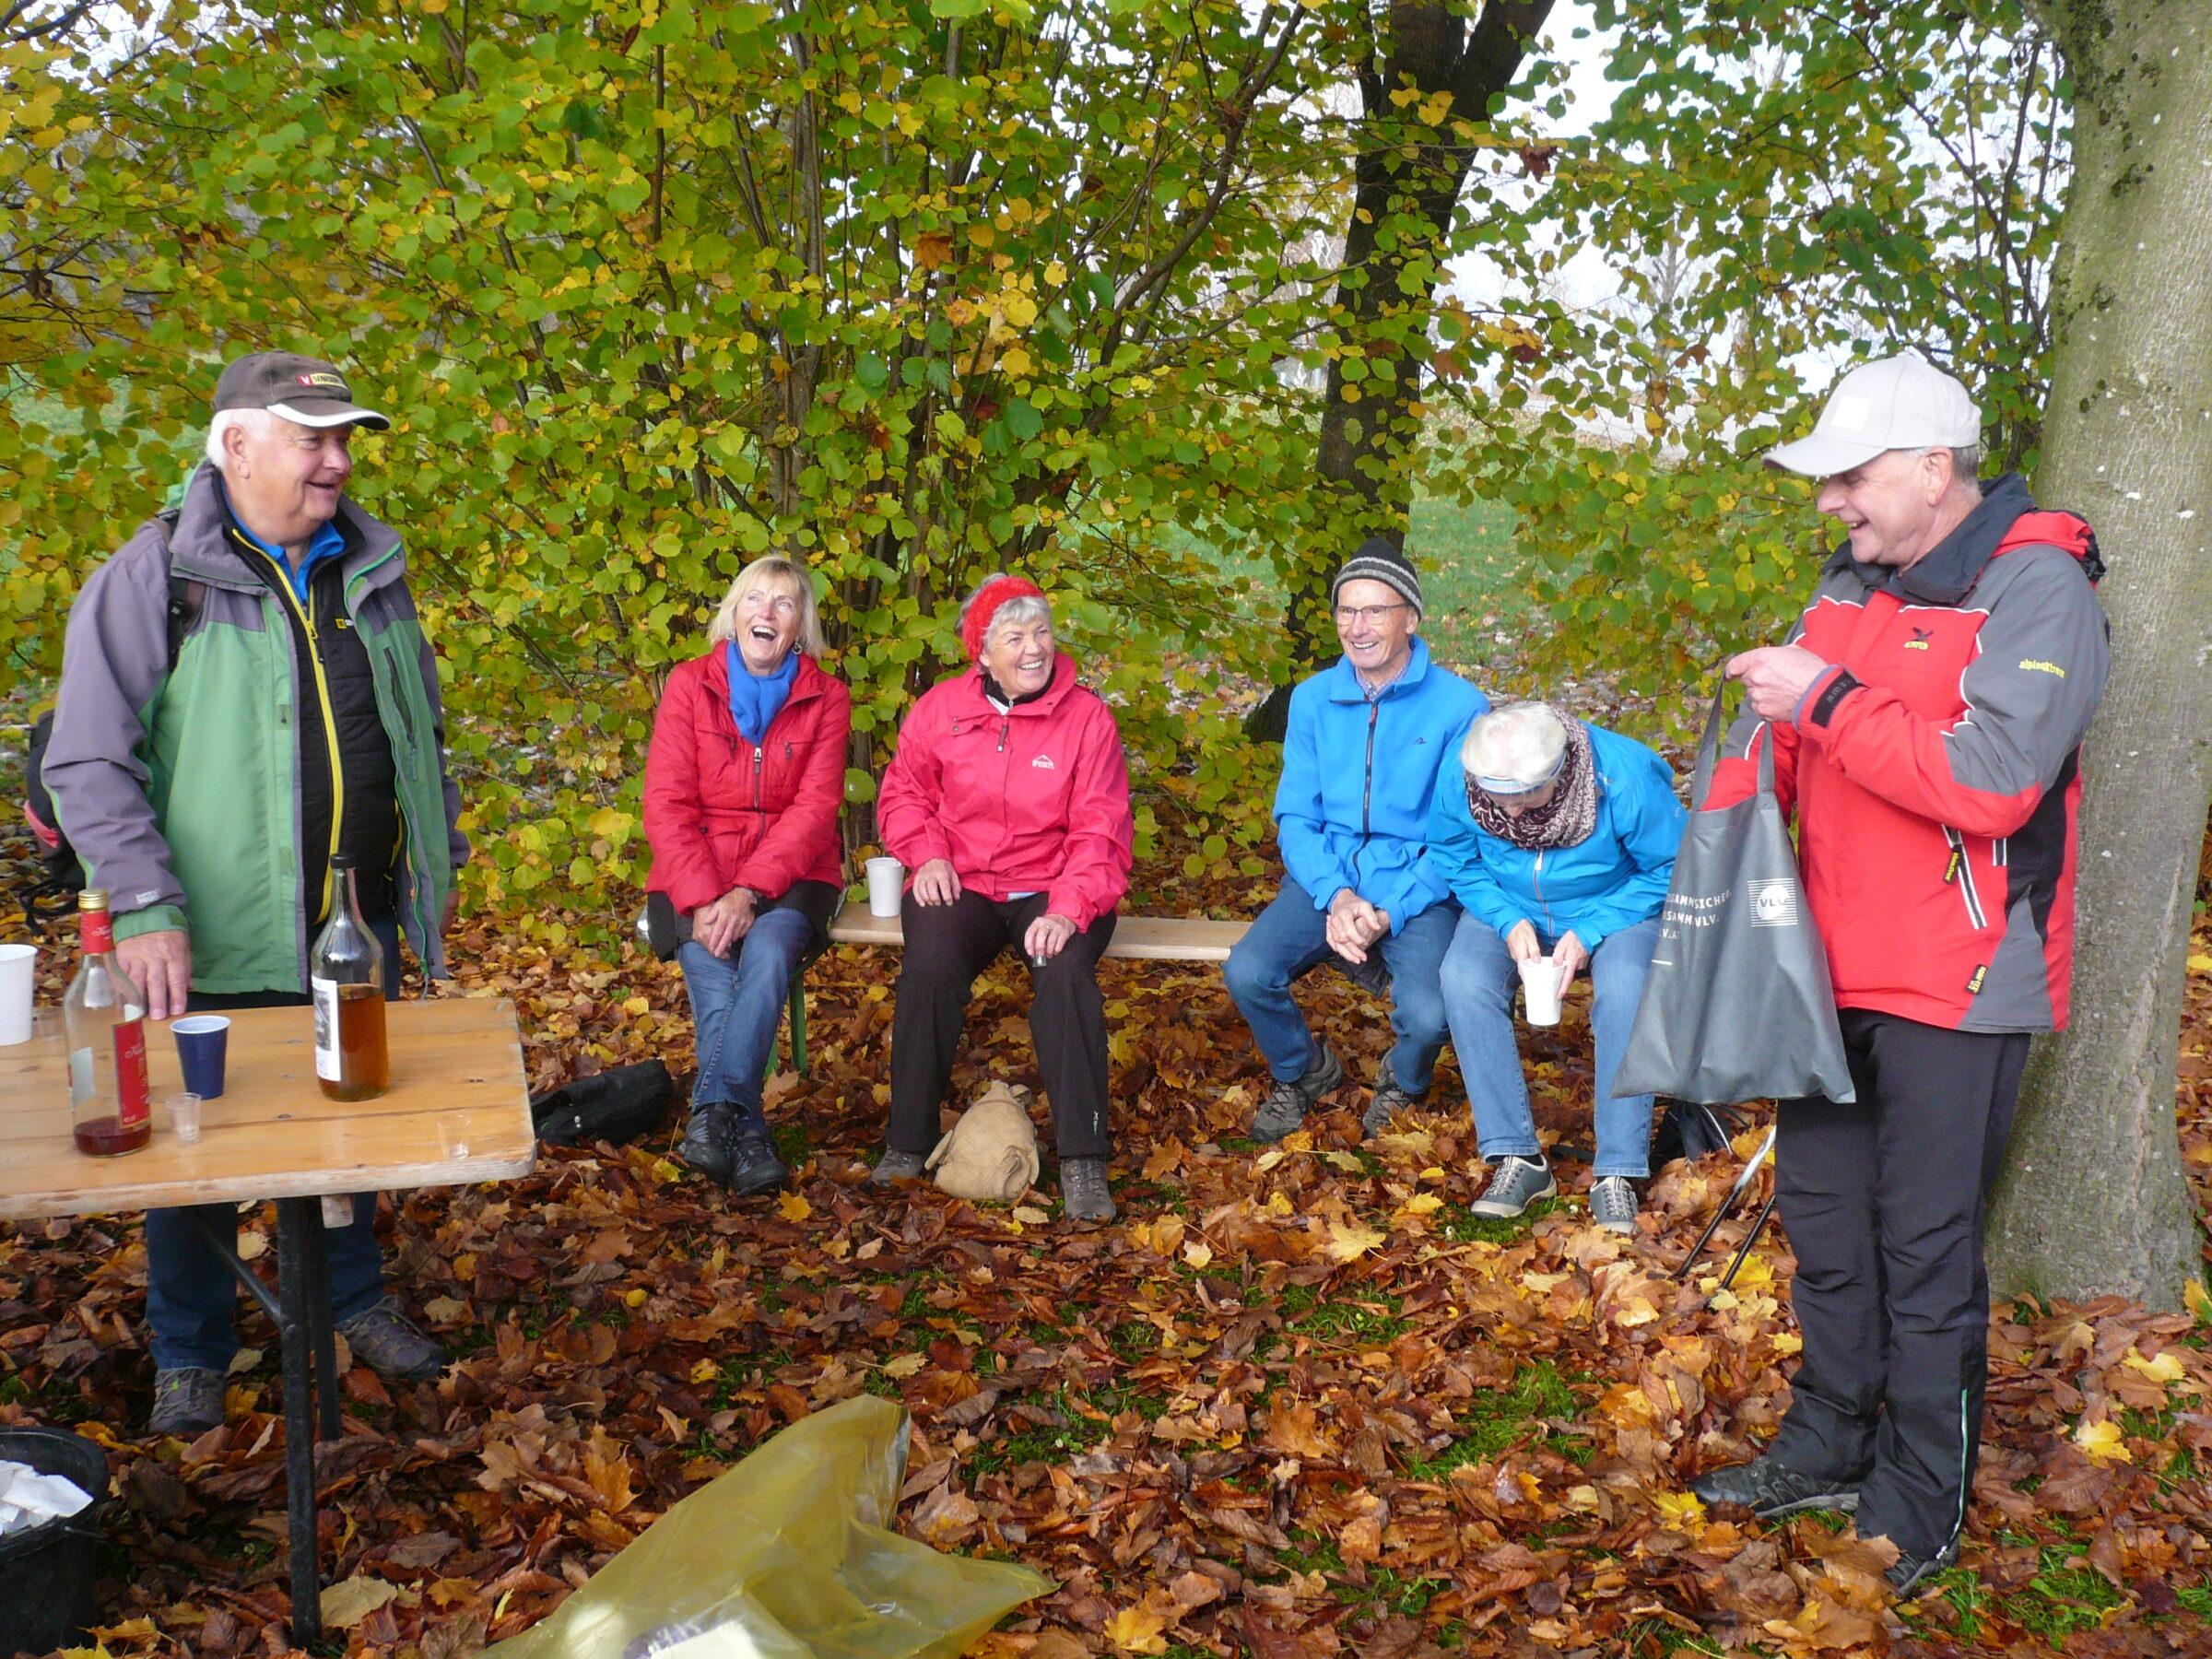 Abschlusswanderung des Seniorenbundes Rheindelta in das wunderschöne Naturschutzgebiet.